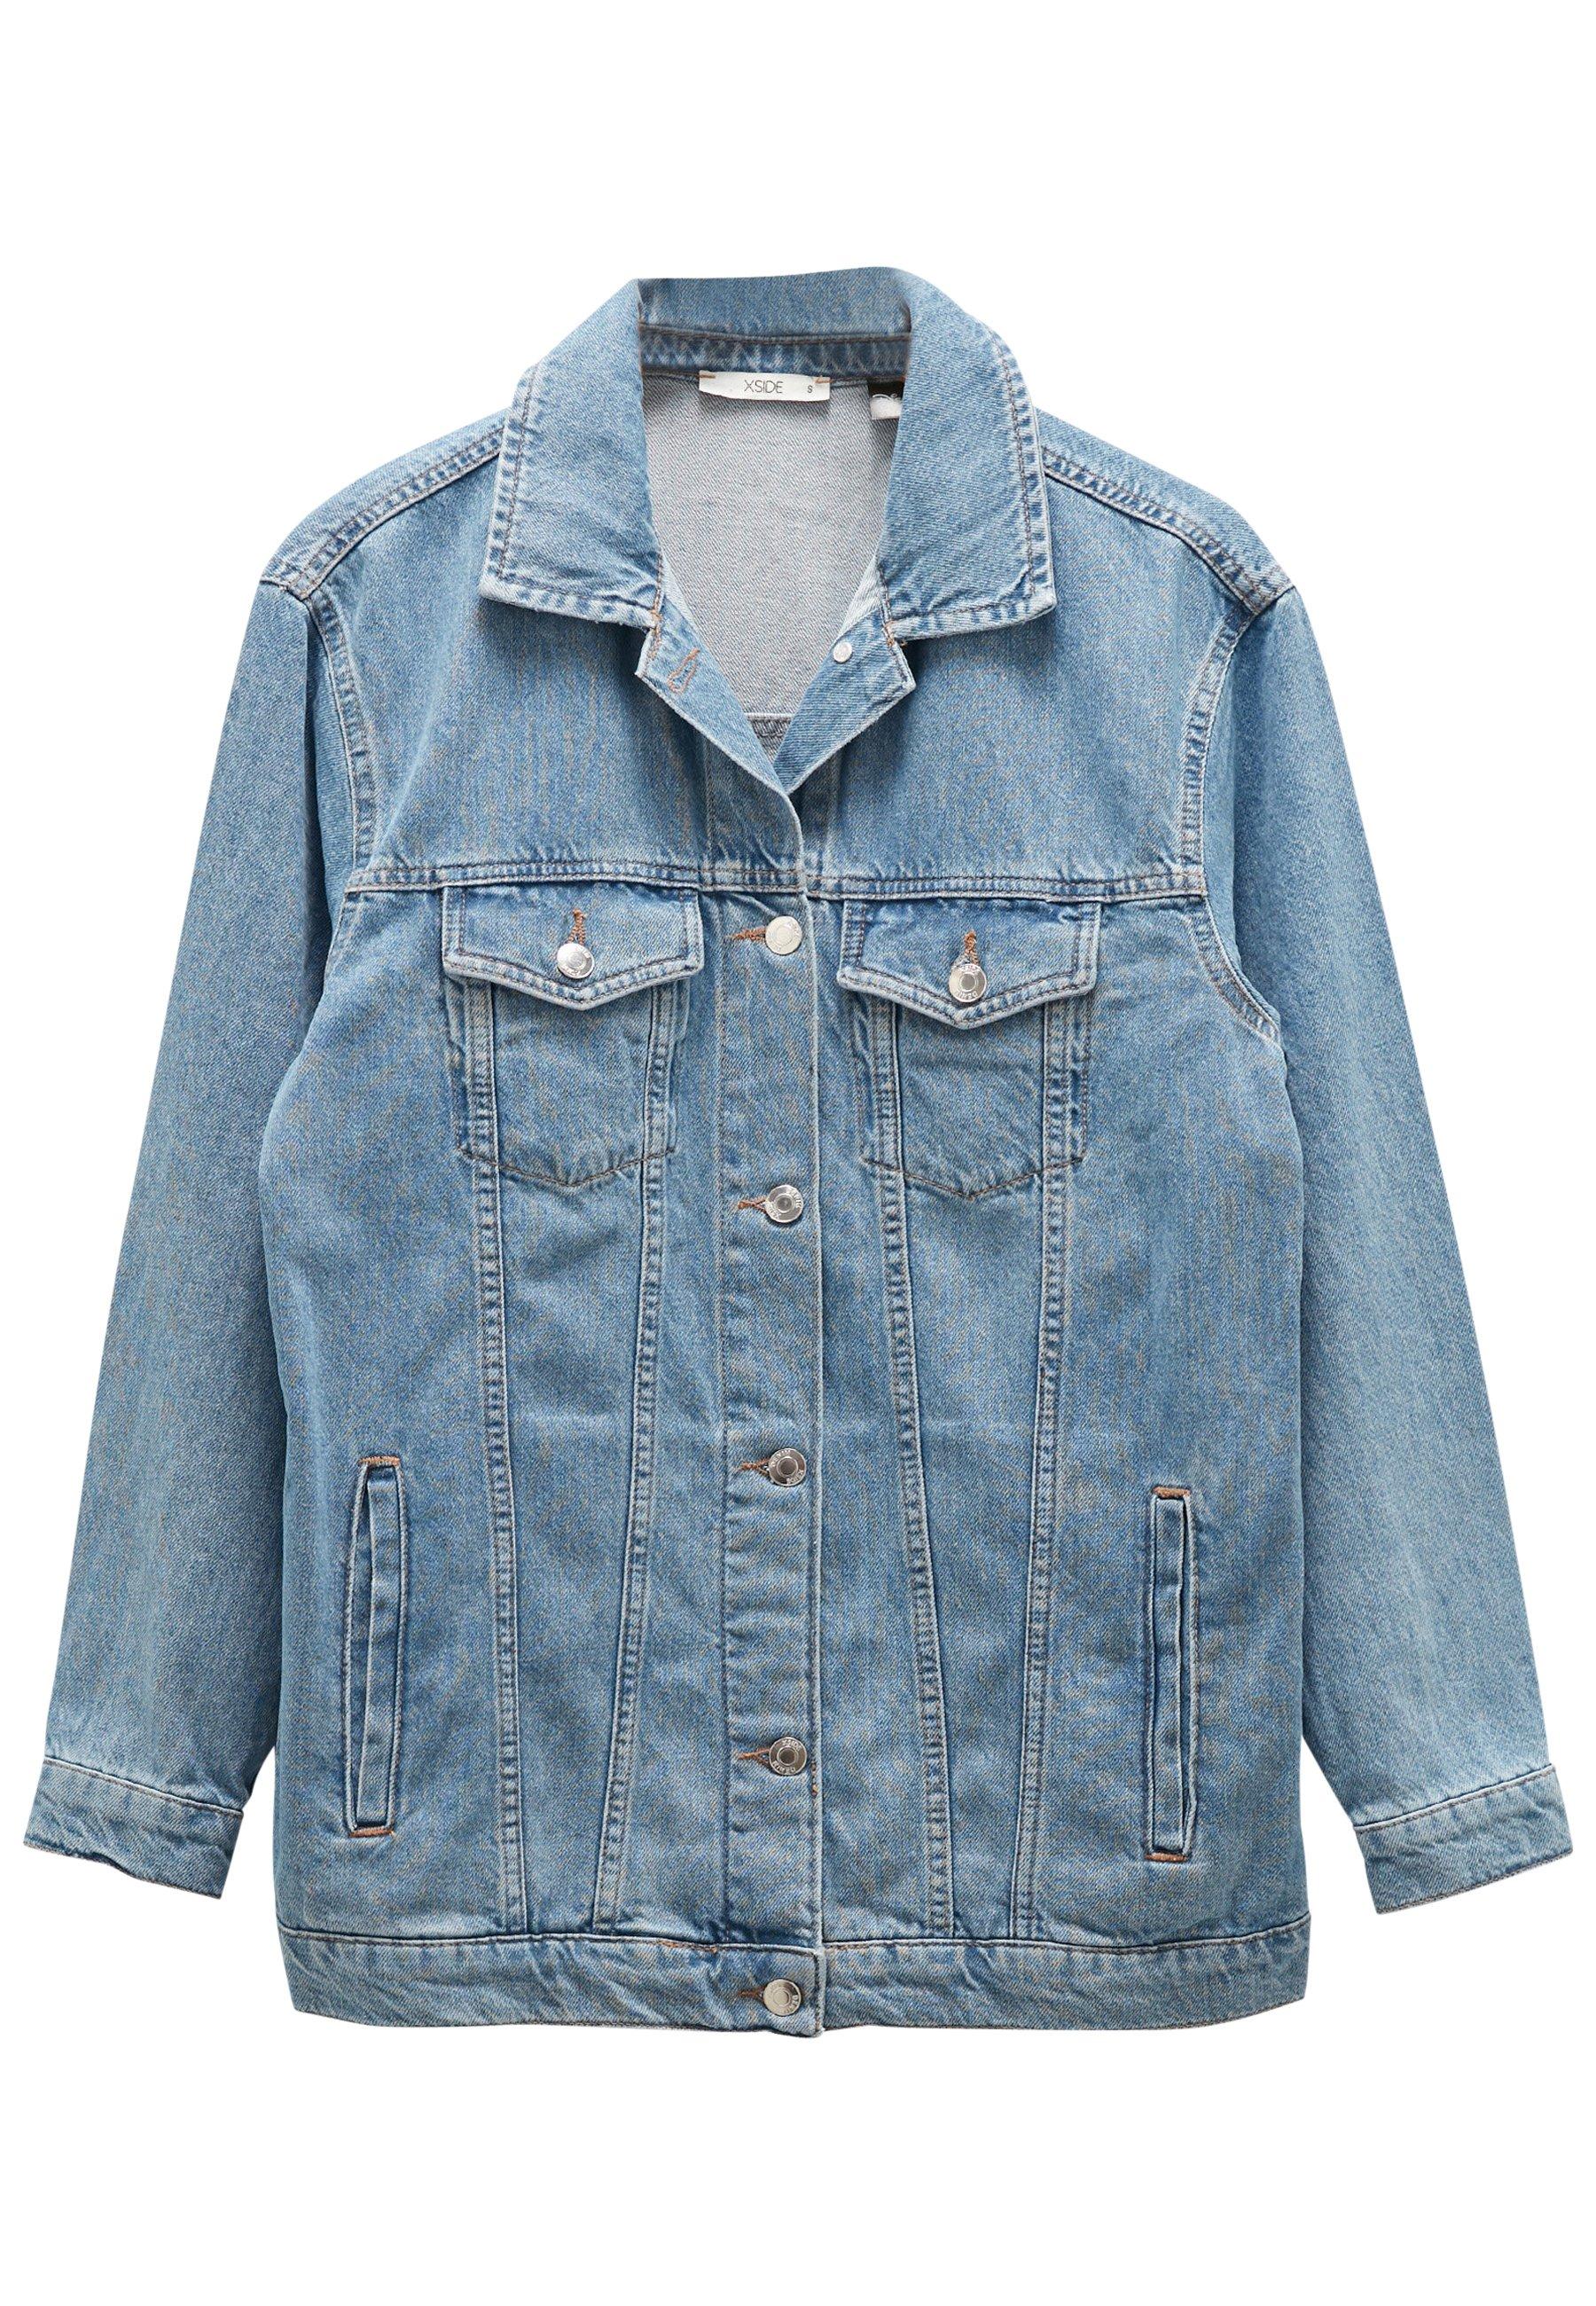 Femme MICKEY MOUSE - Veste en jean